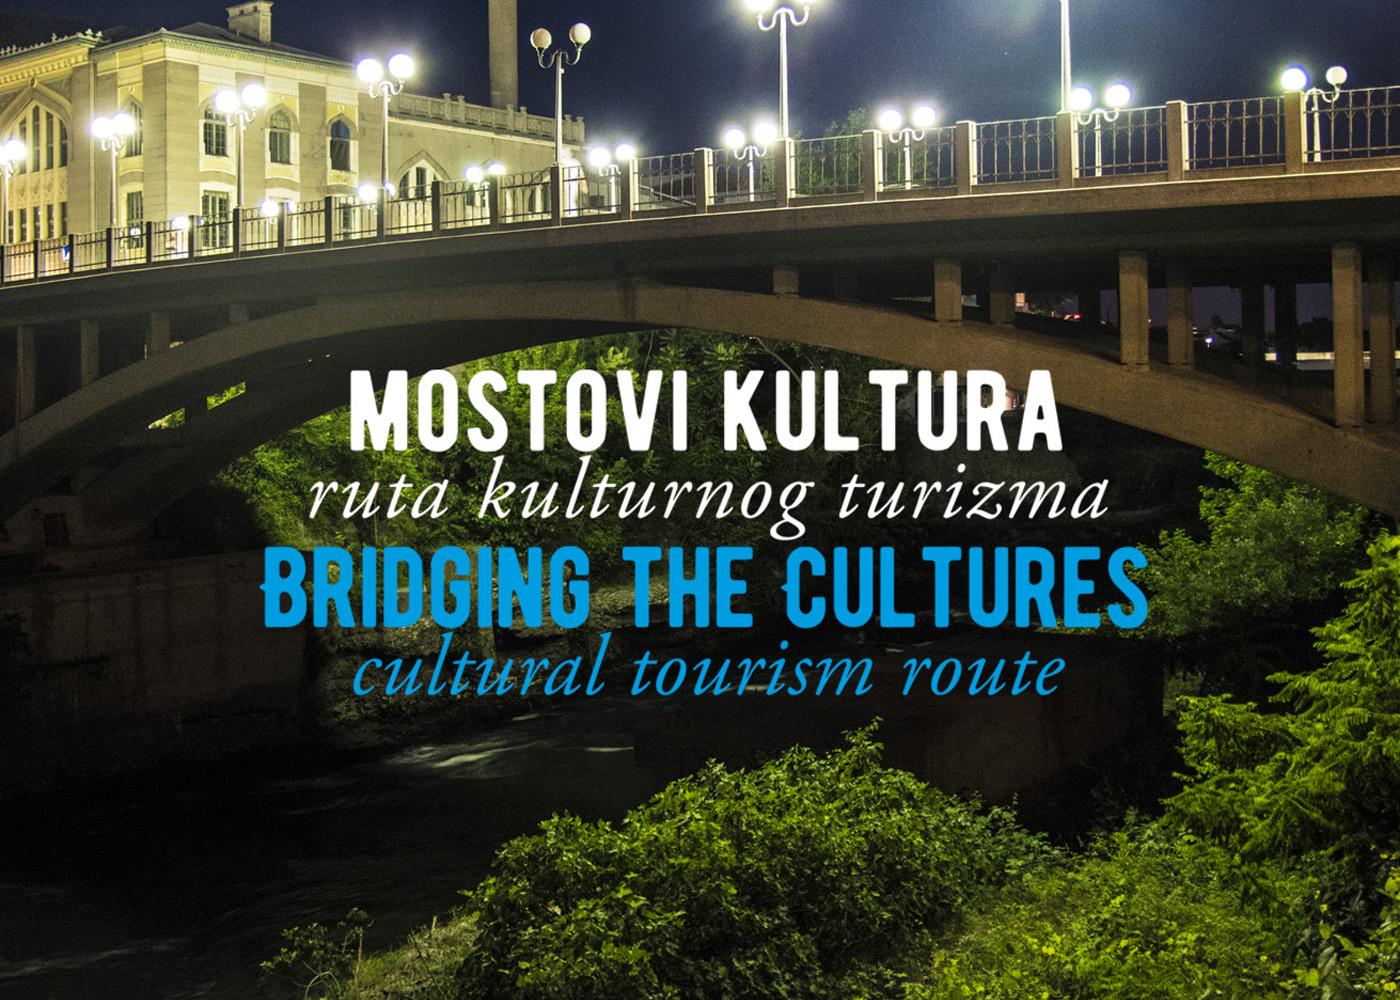 Mostovi kultura - ruta kulturnog turizma